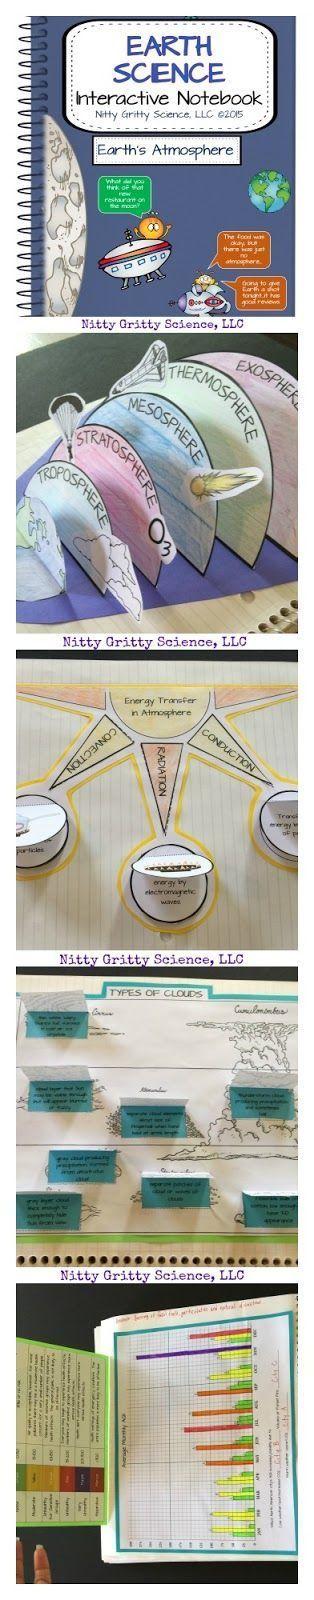 Recursos para el aula: Cuadernos interactivos {Qué, Cómo y Por qué}